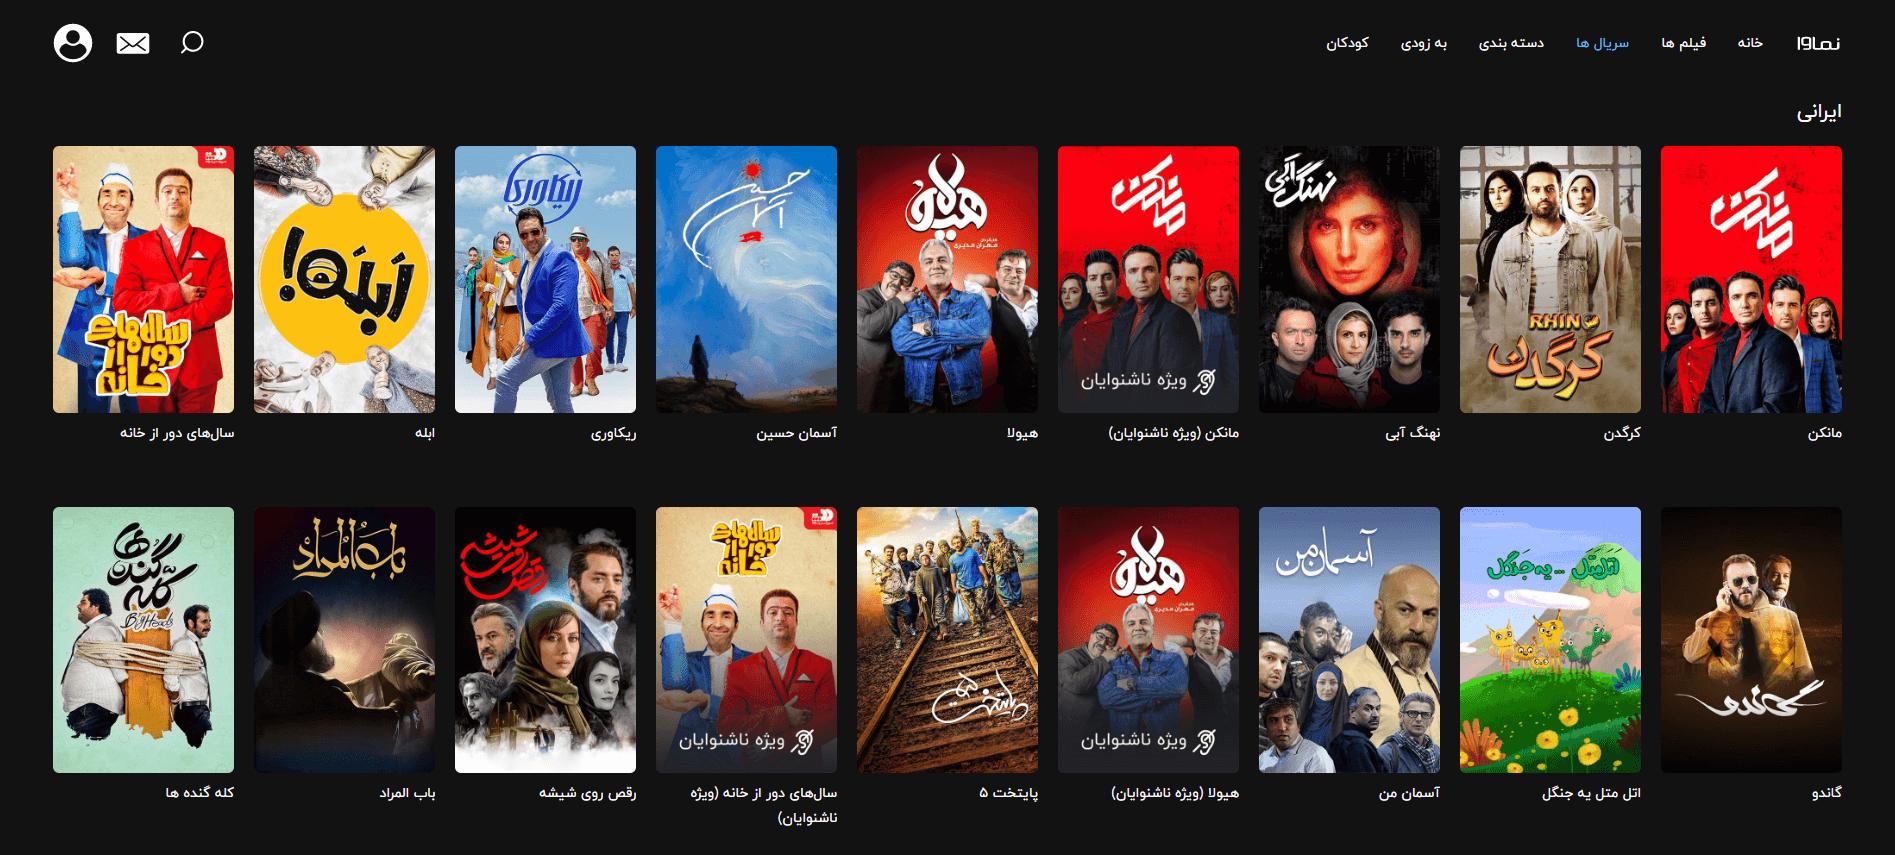 به بهانه انتشار سریال دل از نماوا - معرفی بهترین سریال ایرانی نمایش خانگی تا آذر ۹۸